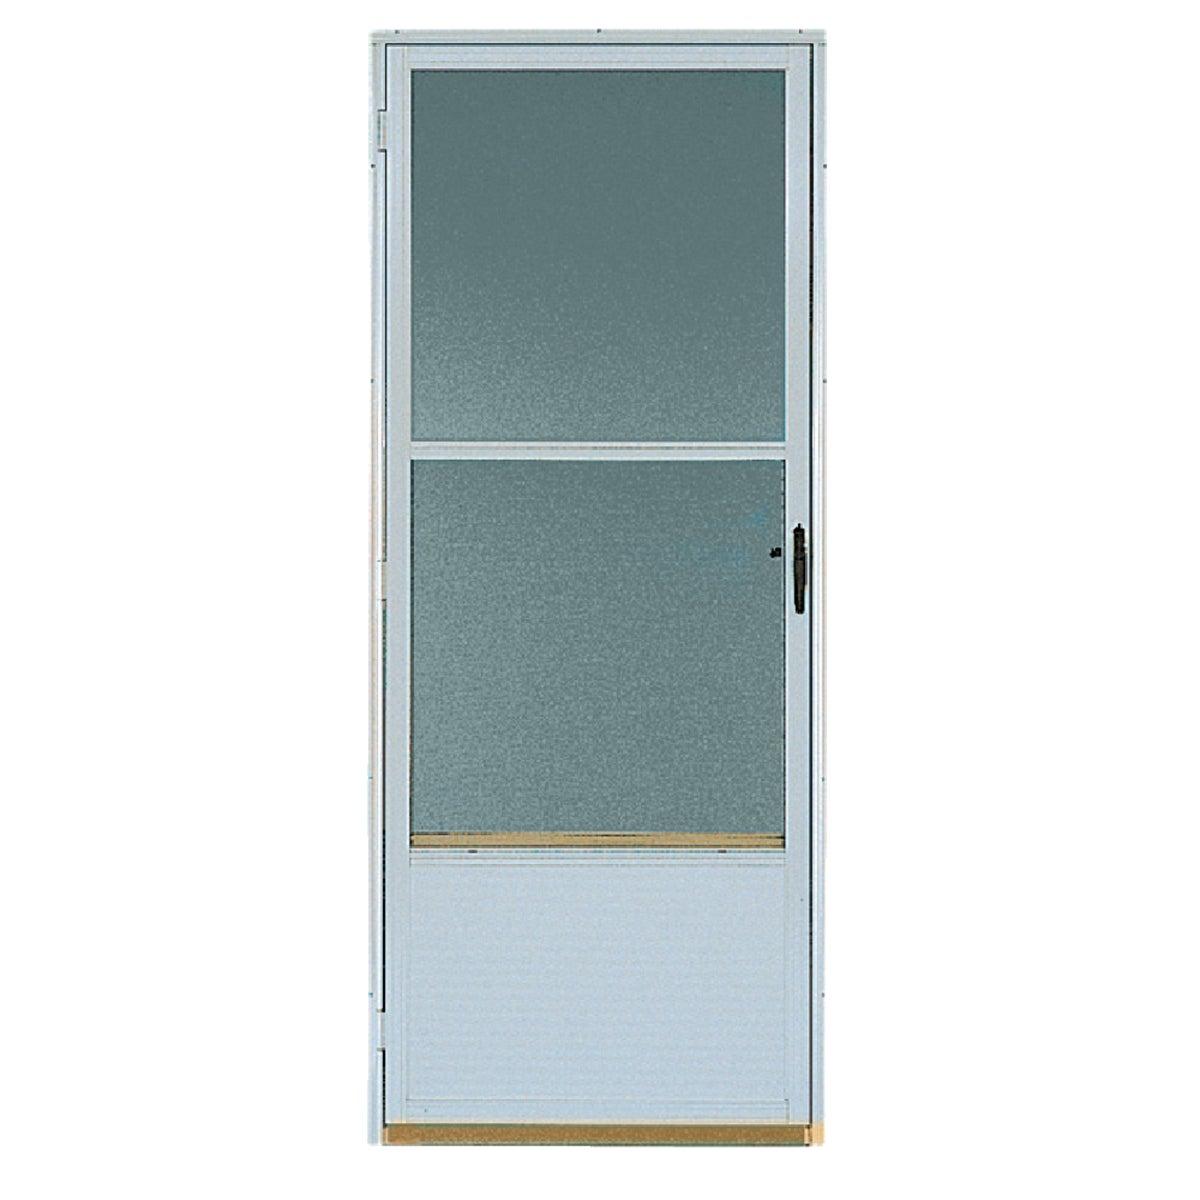 563 3068 RH WHT DOOR